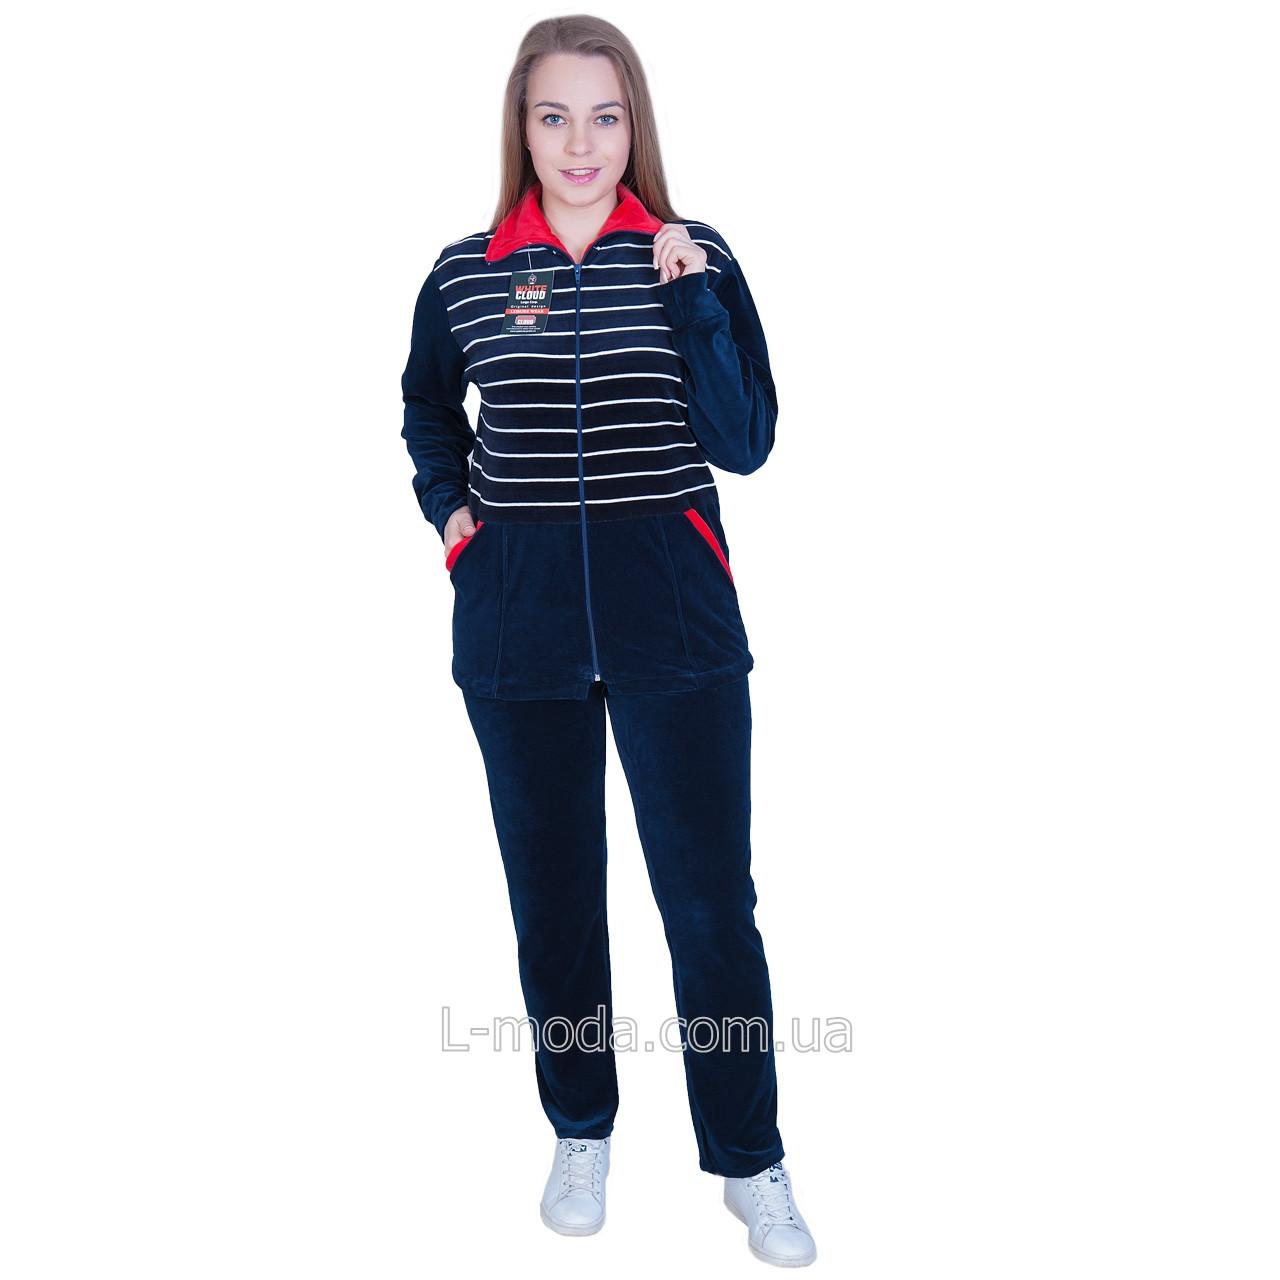 Спортивный костюм женский велюровый с красным воротничком